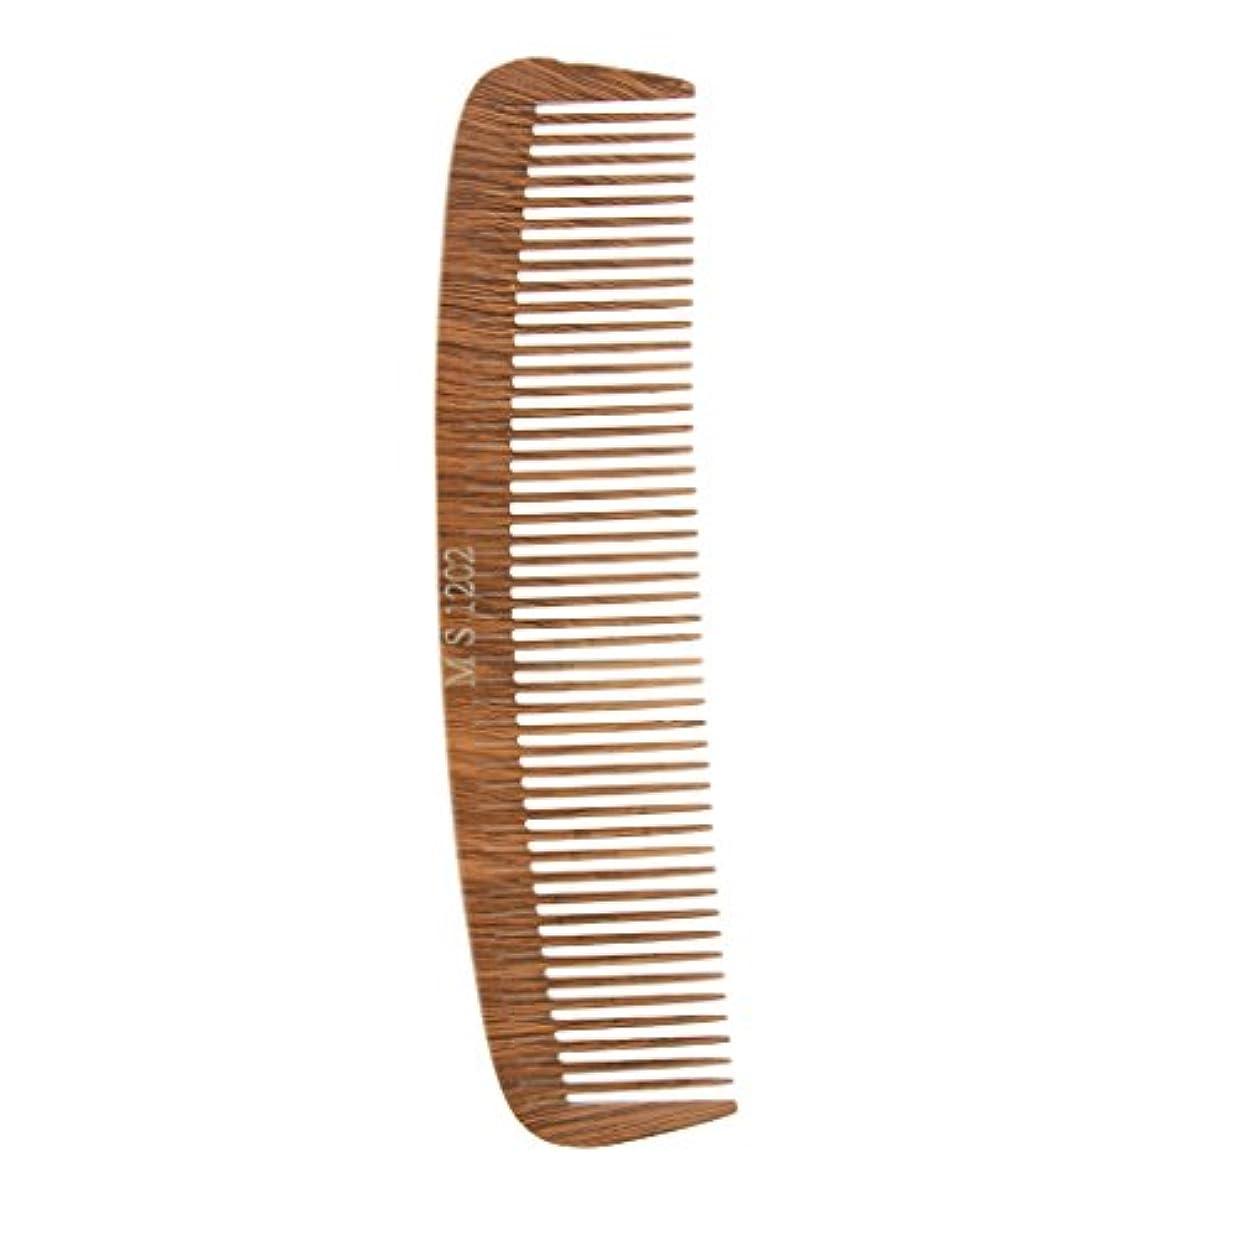 簡単なパッケージ分布ヘアカットコーム コーム 木製櫛 帯電防止 4タイプ選べる - 1202